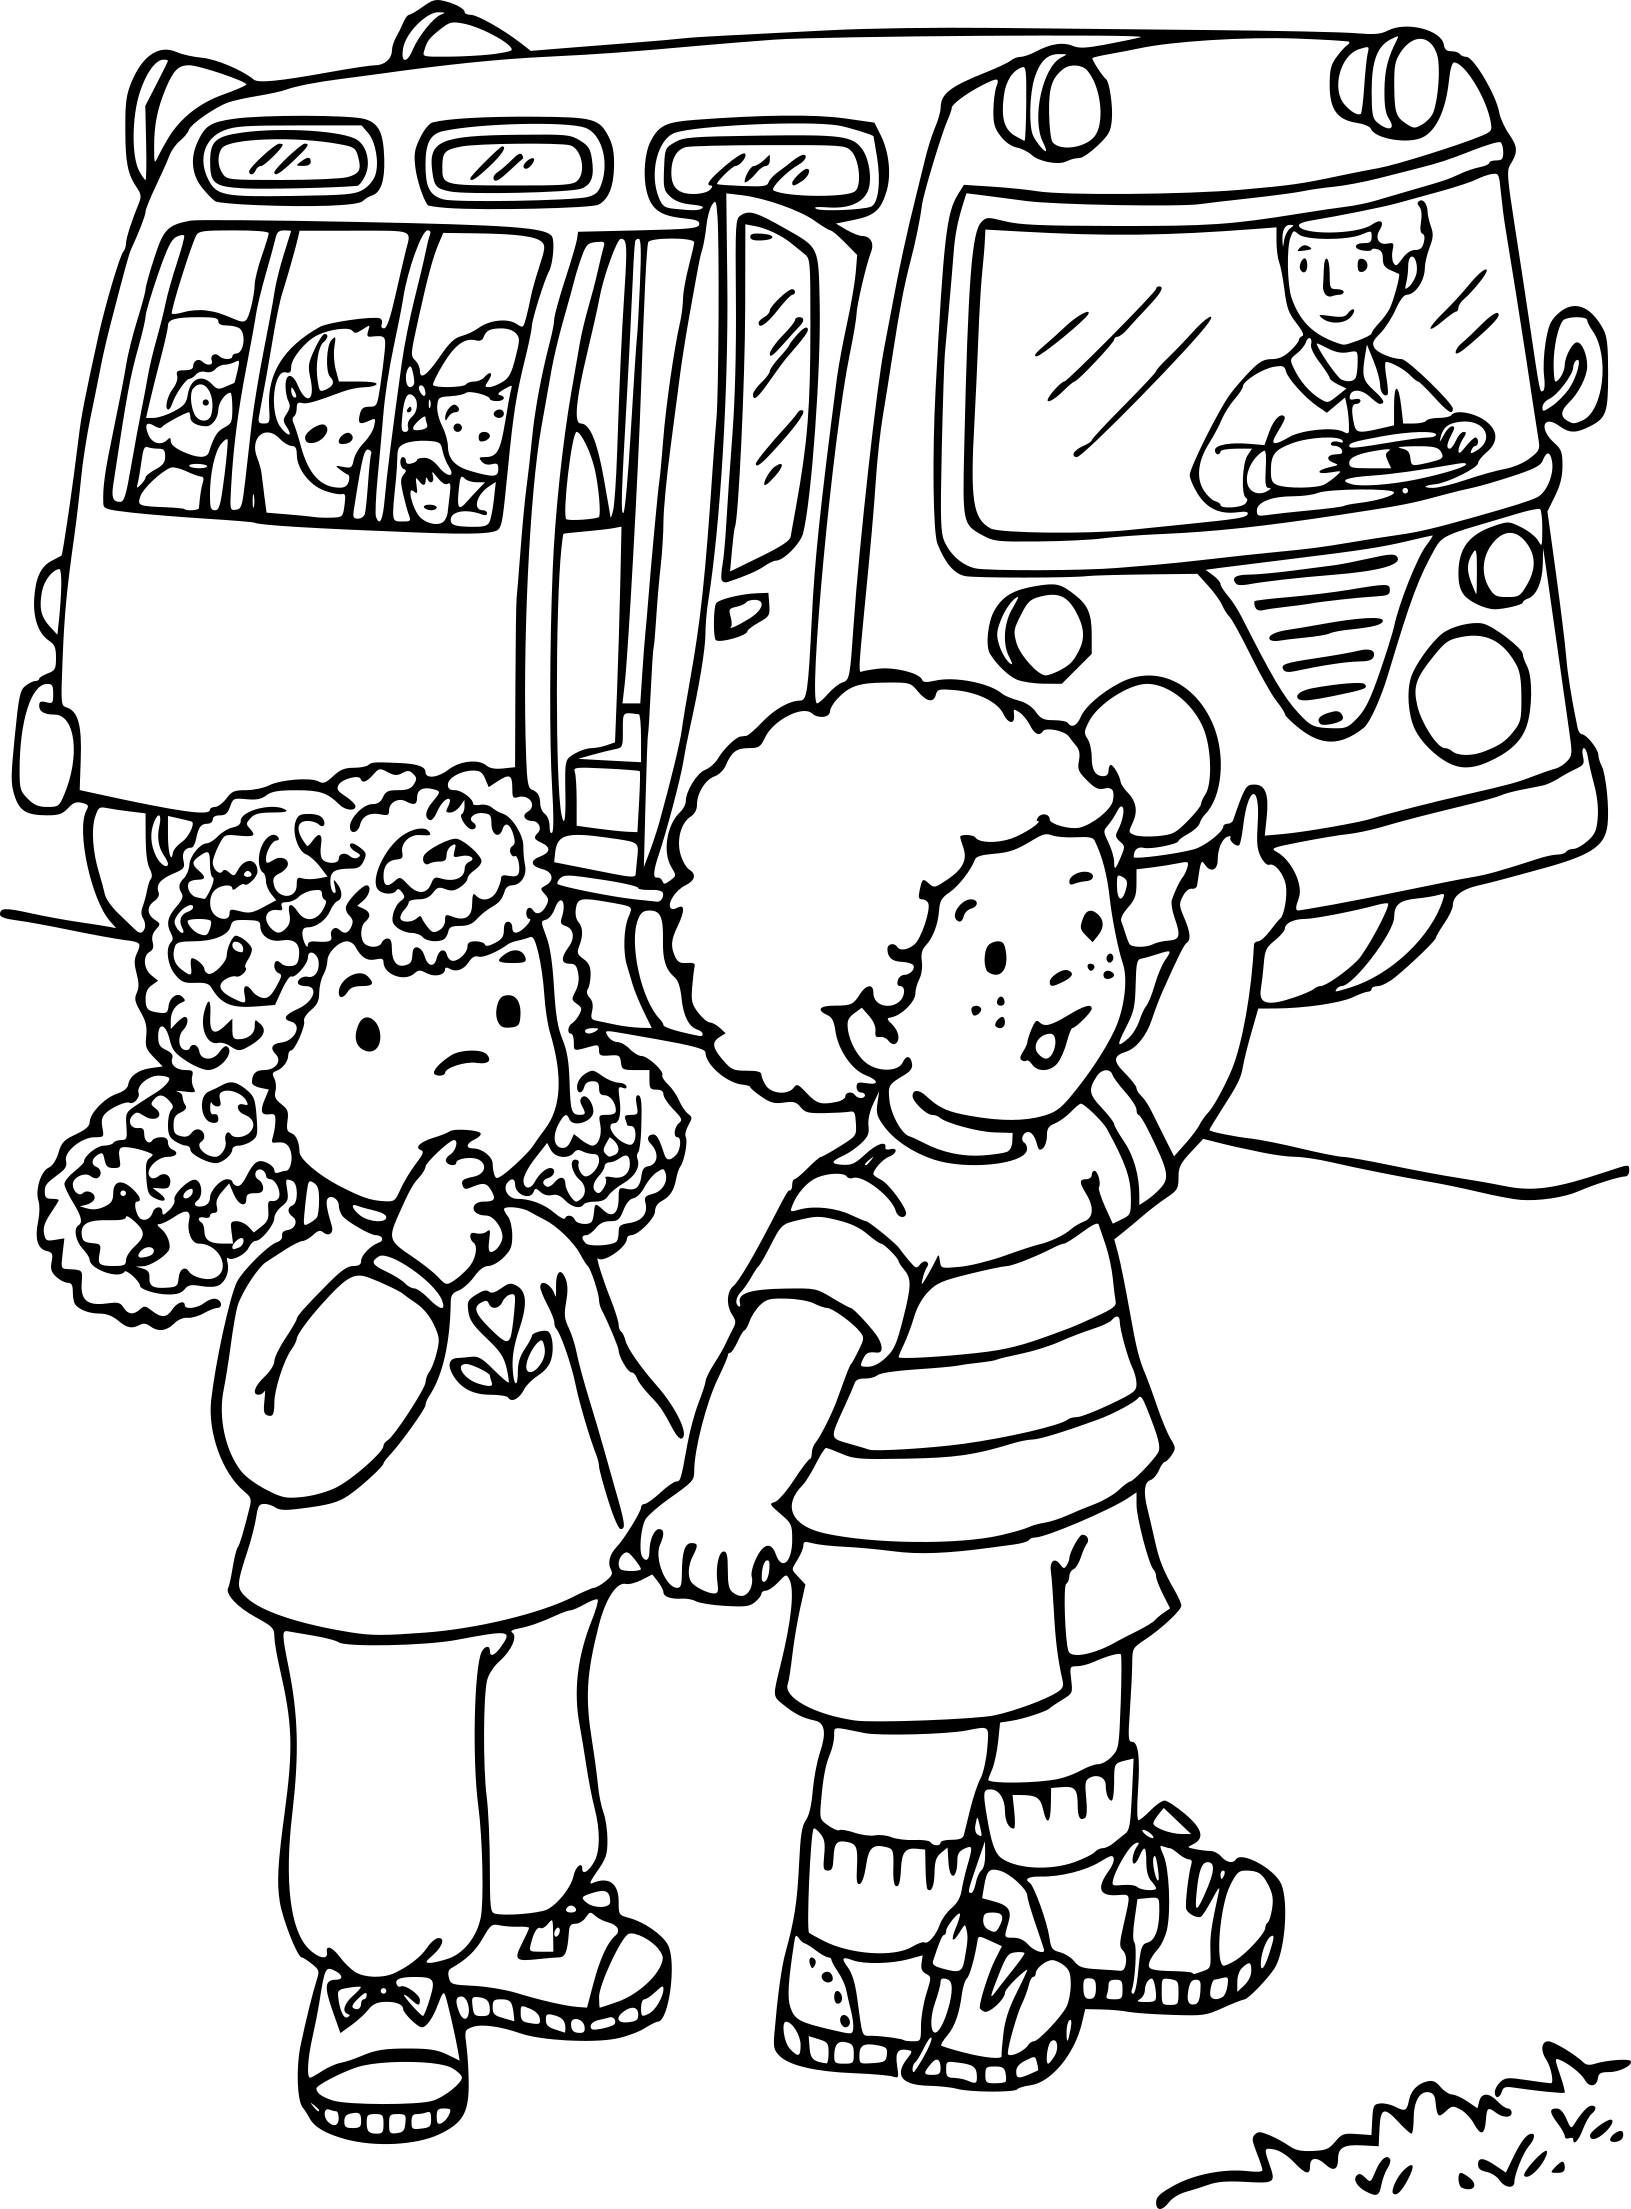 Coloriage Enfant Bus À Imprimer Sur Coloriages concernant Coloriage Enfant